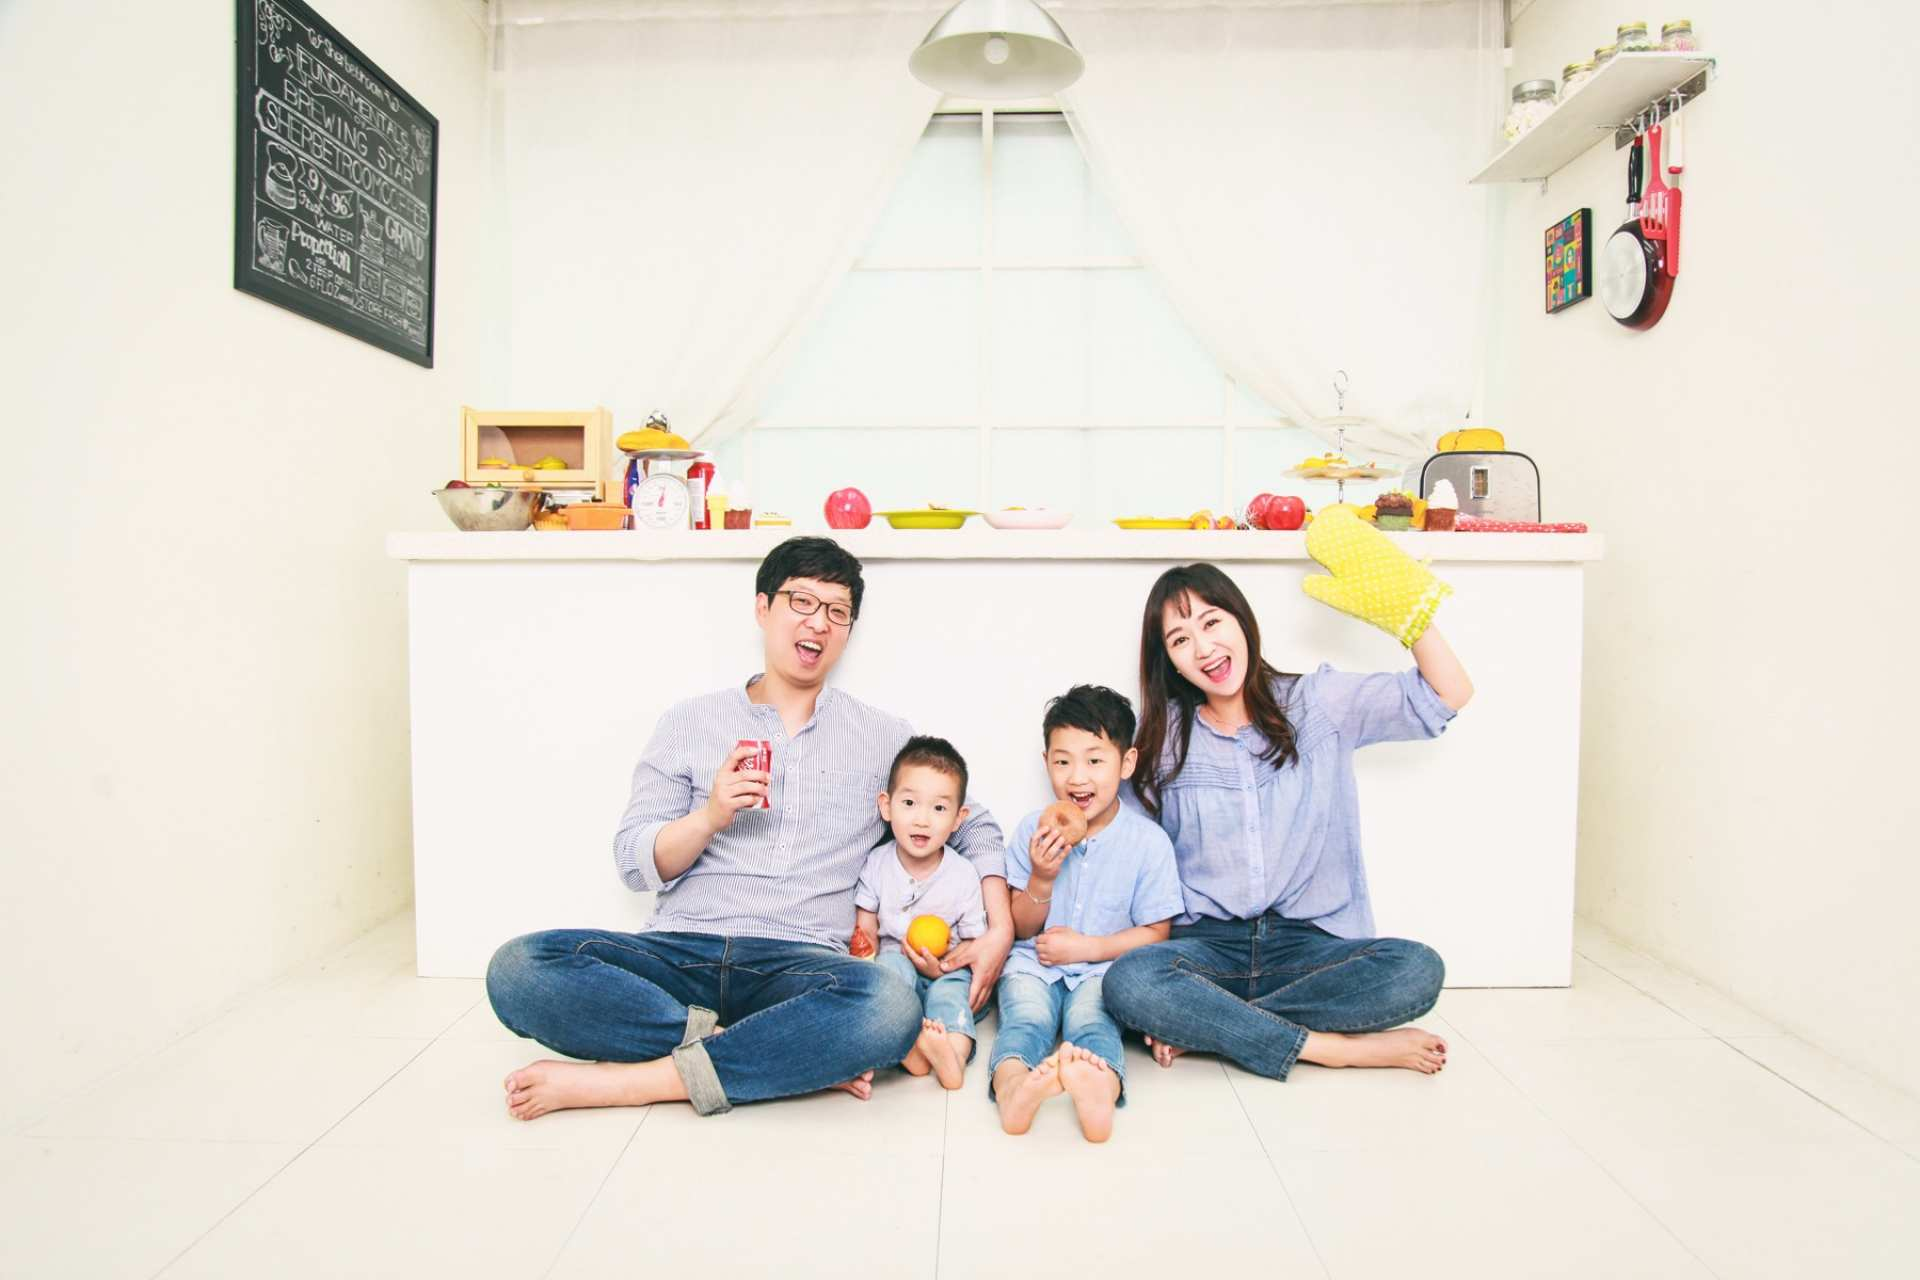 【首爾特色棚拍】SHERBETROOM 家族照攝影體驗